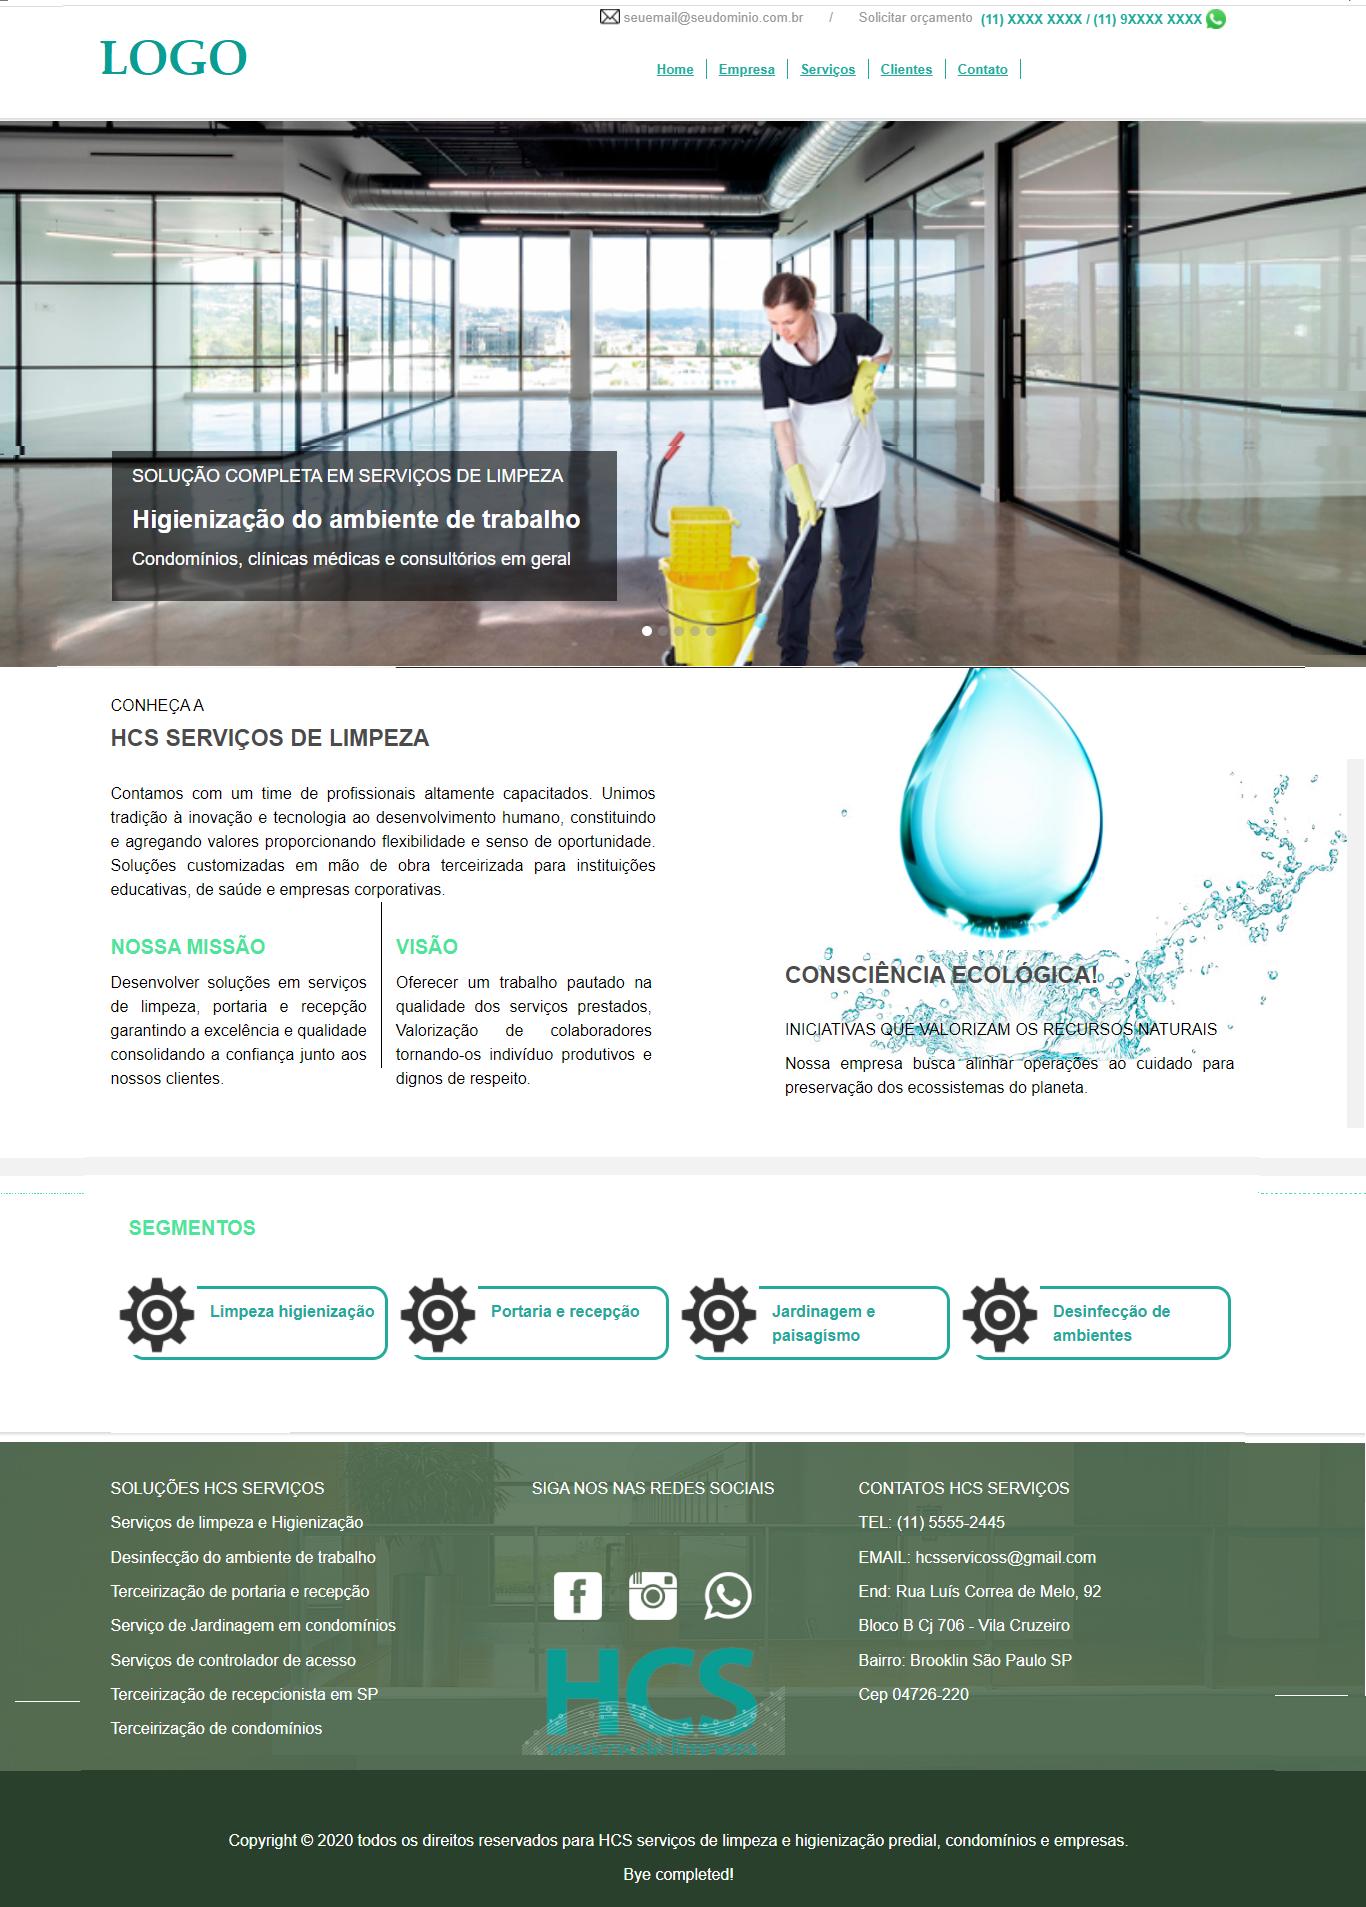 Modelo de site para empresa de limpeza terceirização de serviços